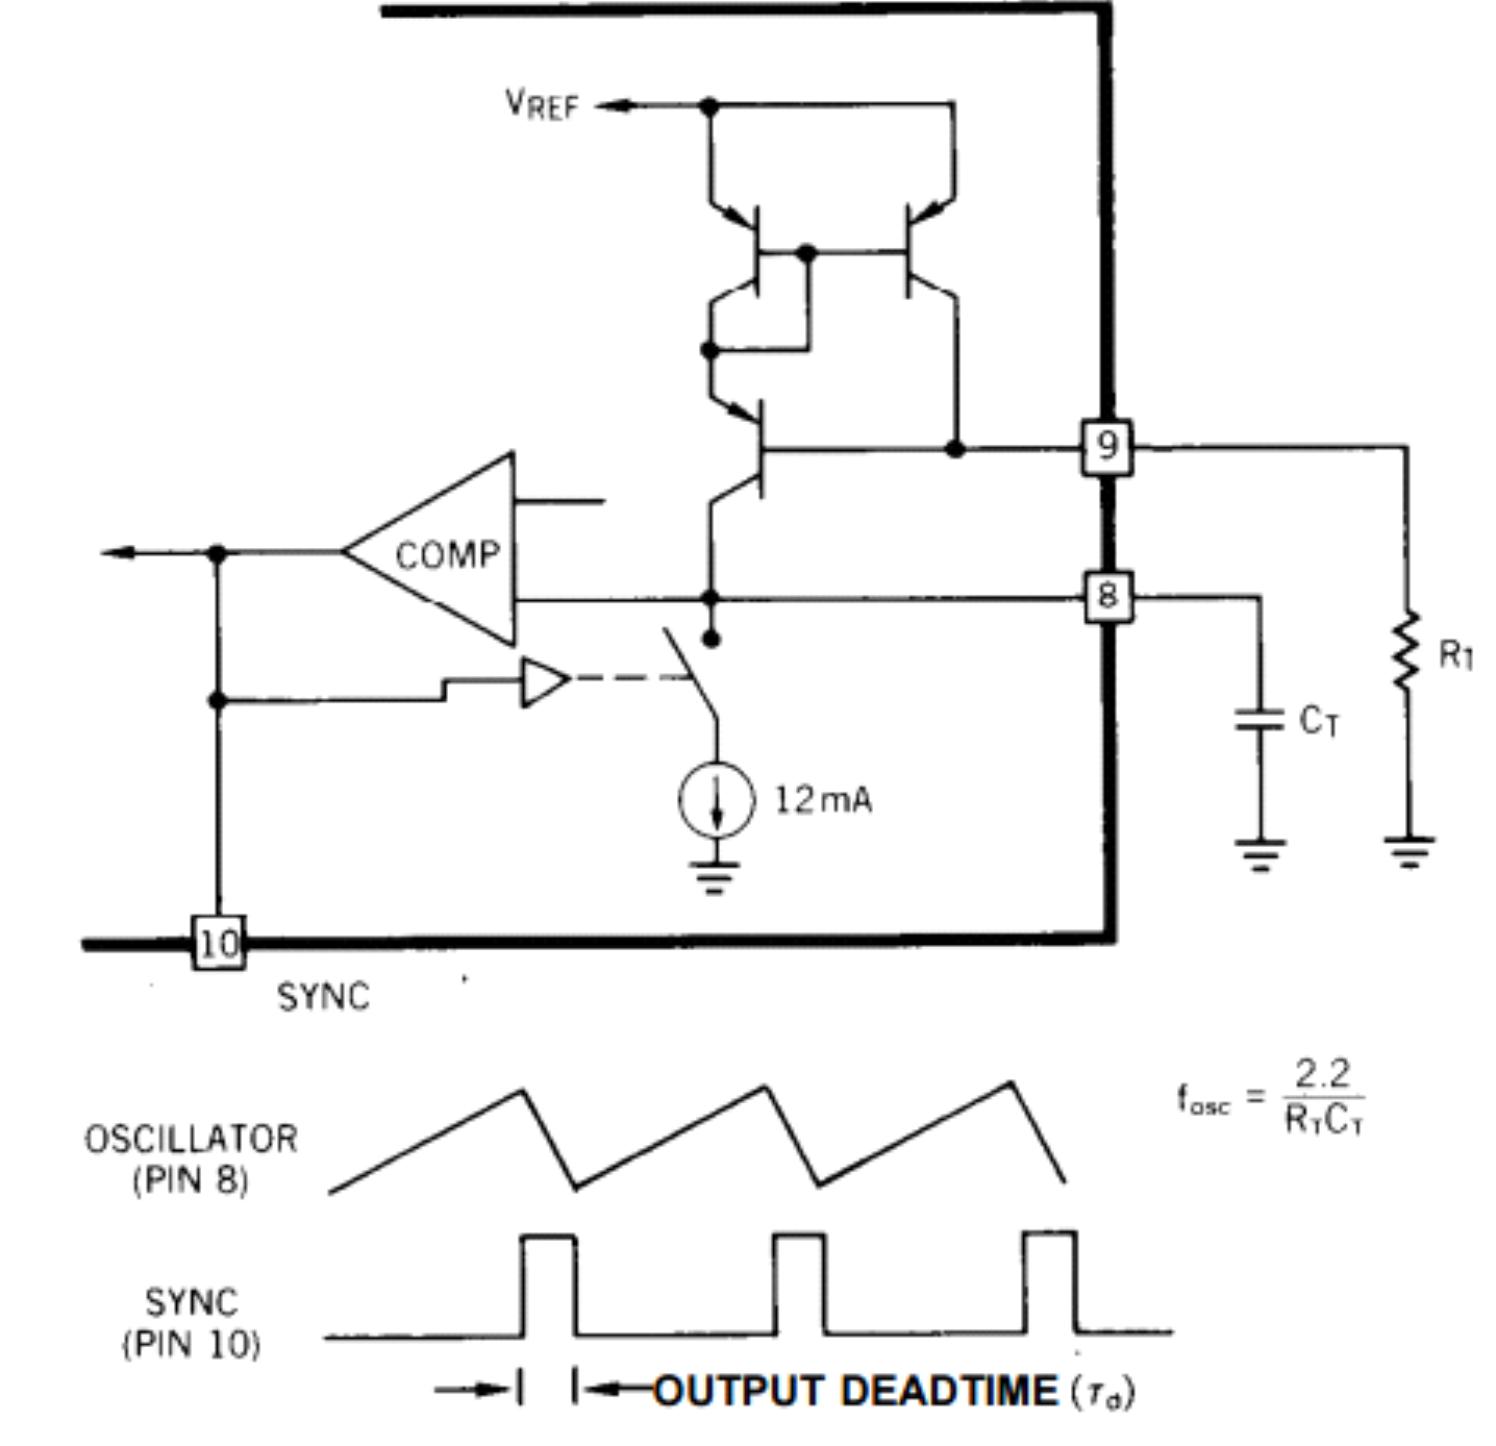 Uc2846 Pwm Basic Oscillator Circuit Uc1846 Uc1847 Uc2847 Uc3846 Uc3847 Ocillator Image Figure 4